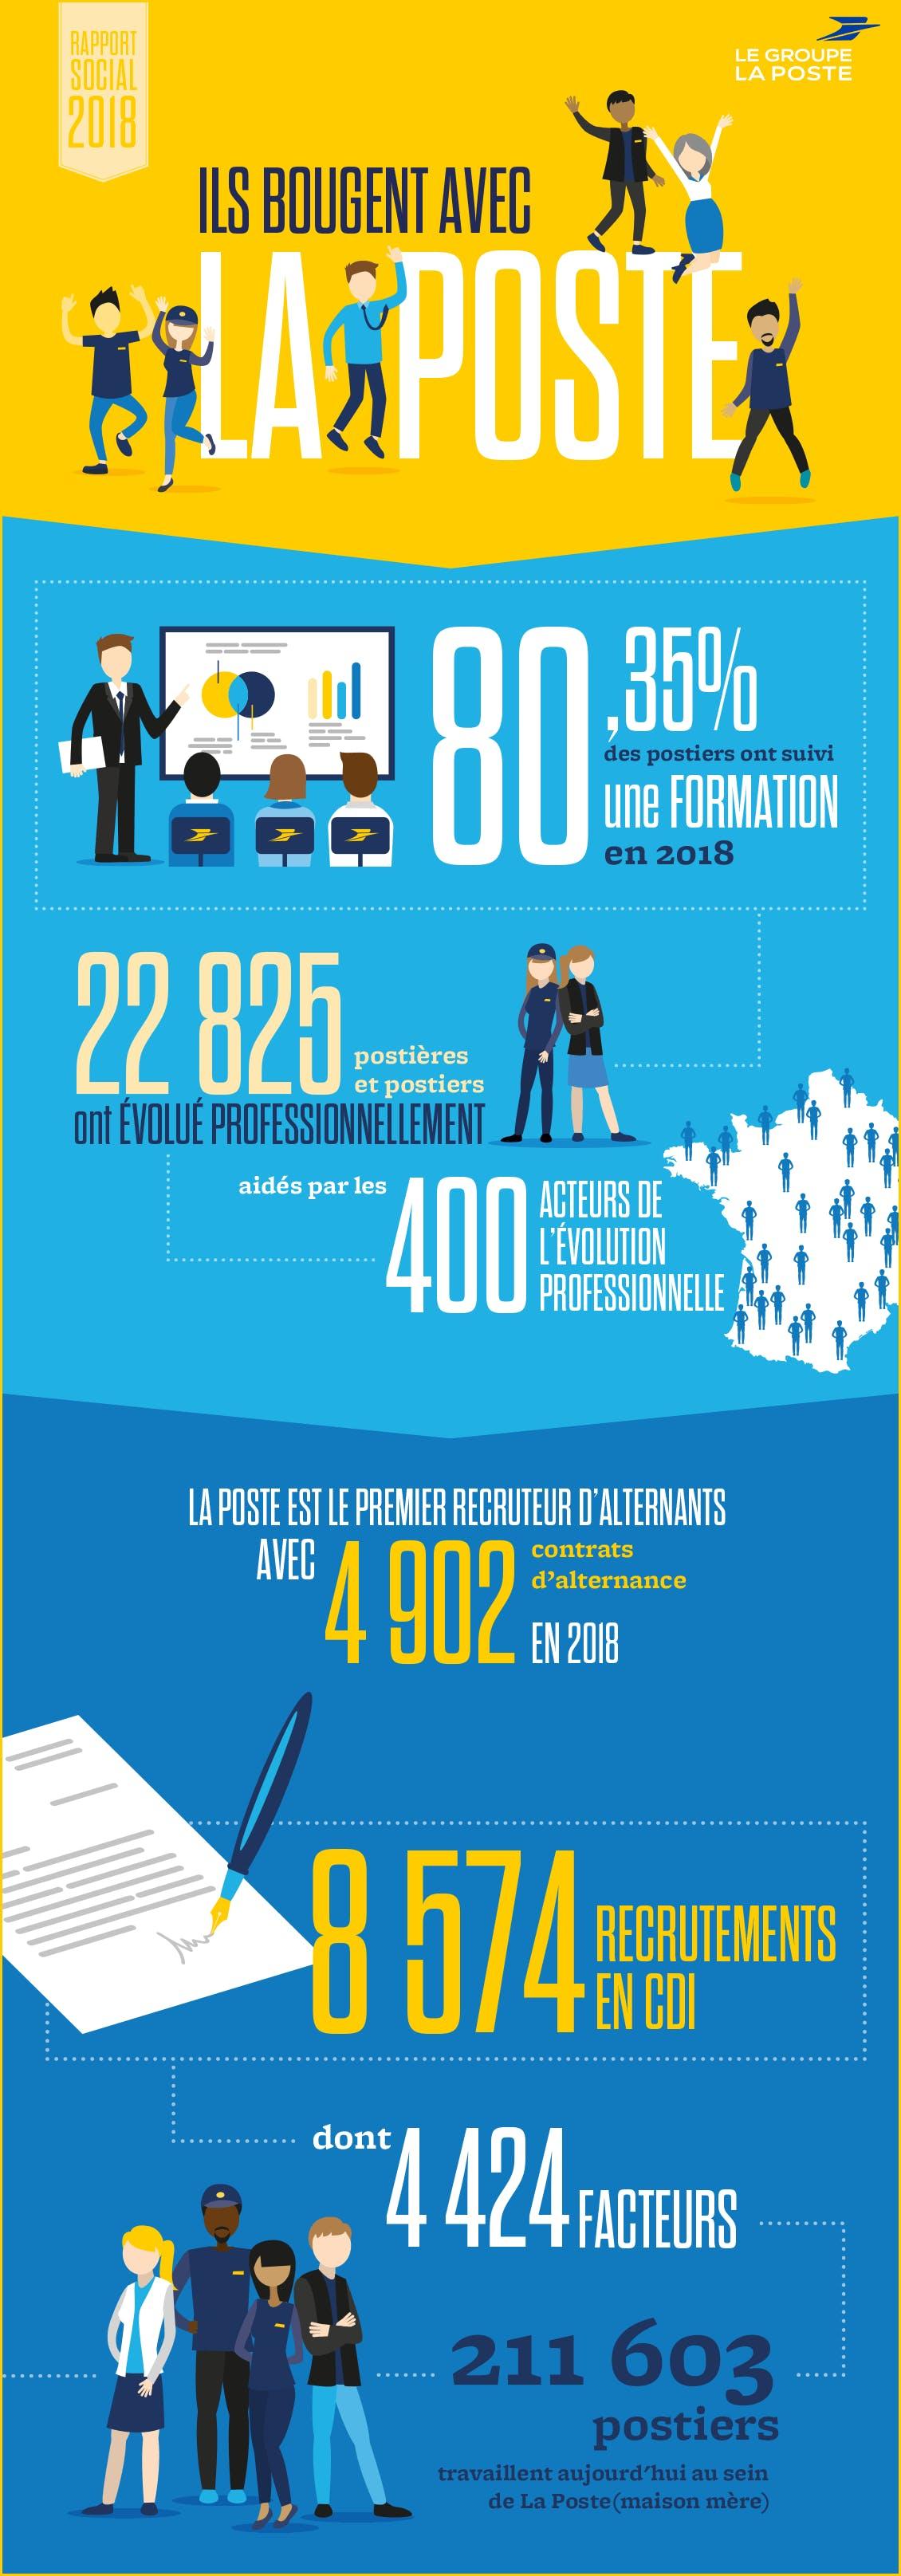 Infographie avec les chiffres clés du Rapport social 2018 du Groupe La Poste sur le volet « Recrutement et formation ».